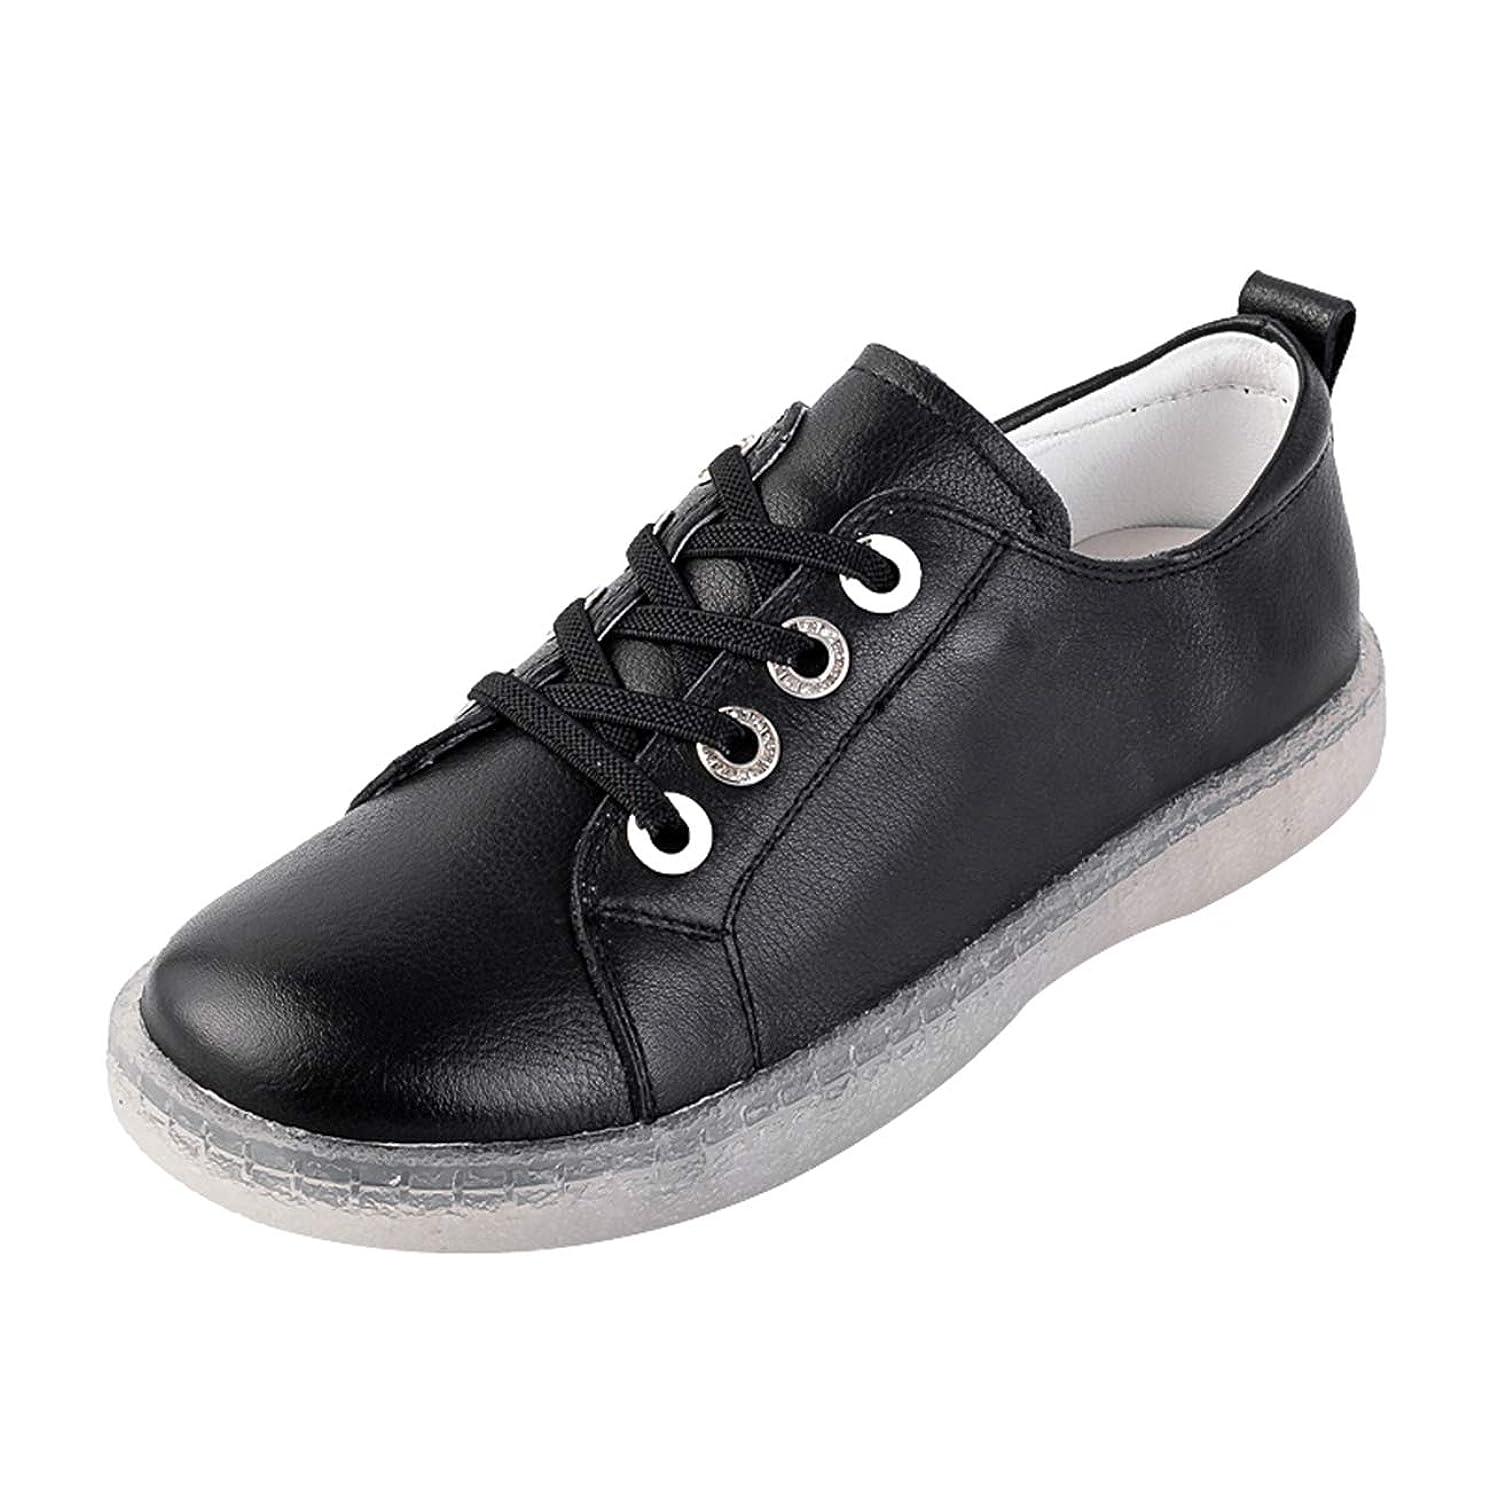 スポーツの試合を担当している人狼強います[ZUYEE] ズイェ レディース レースアップシューズ 本革 ローヒール ゴム紐 フラットシューズ ウォーキングシューズ スニーカー 白の靴 柔らかい カジュアル